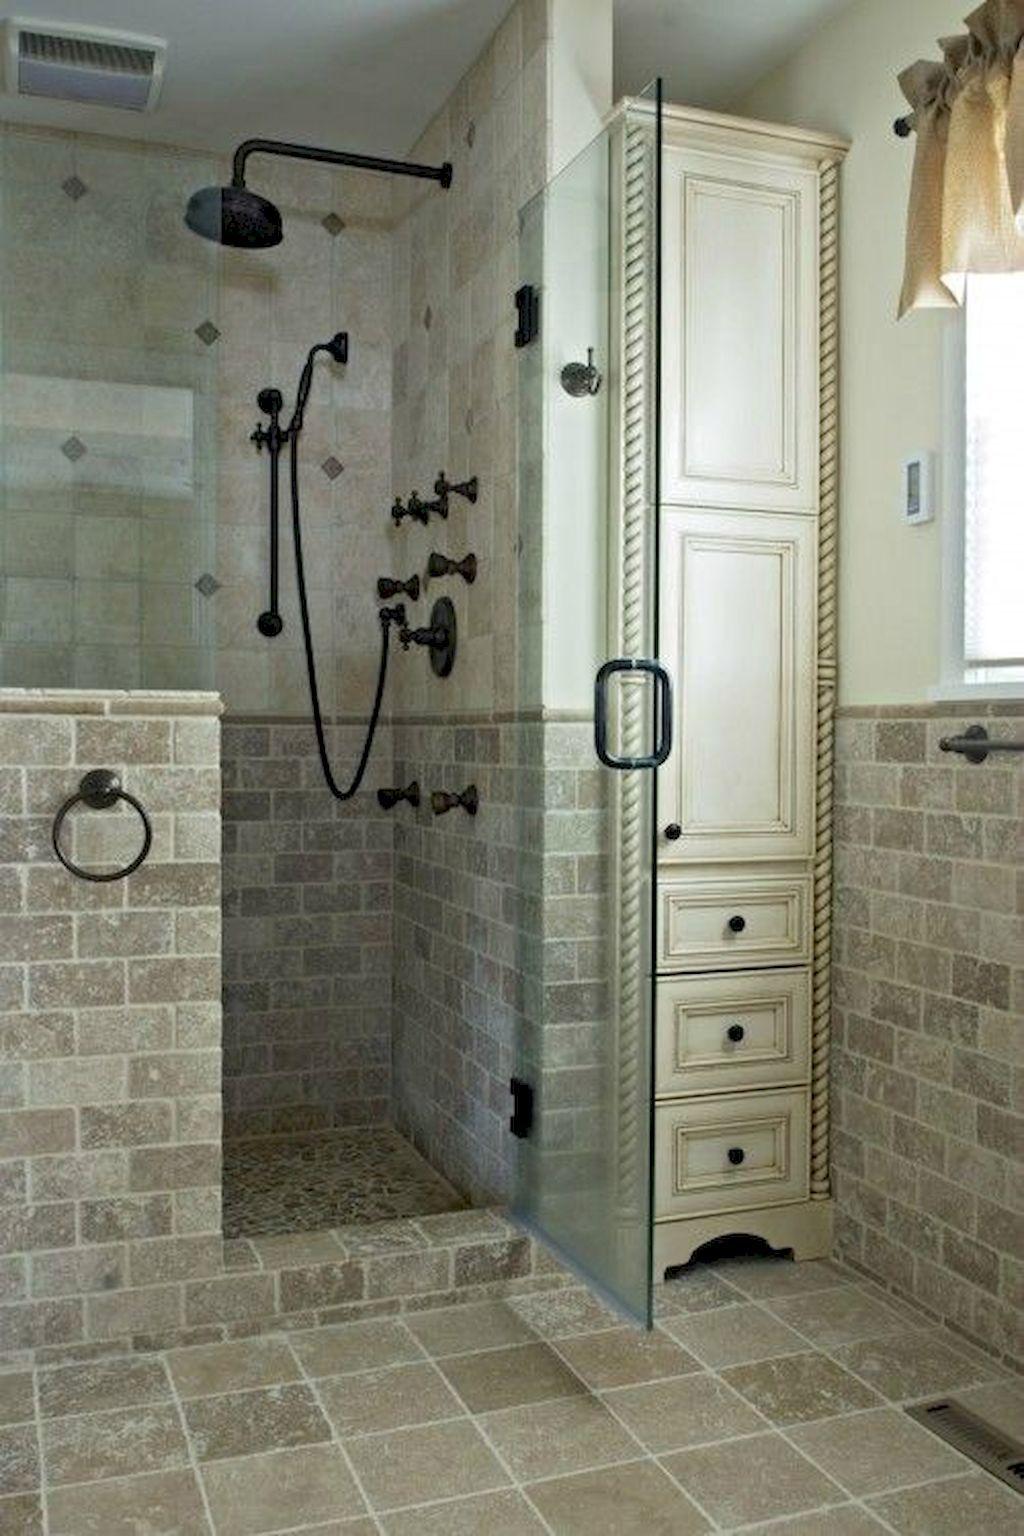 architecture design small master bathroom remodel ideas